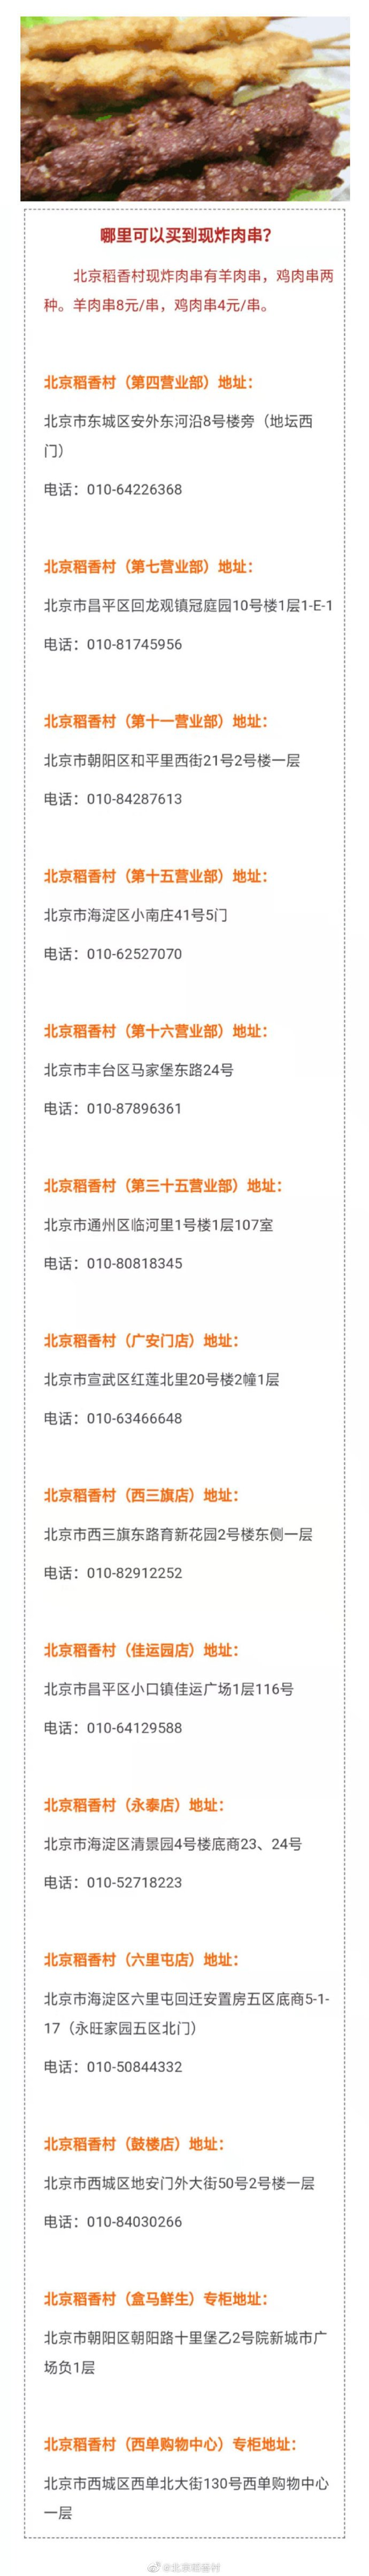 北京稻香村现炸肉串门店地址电话详情